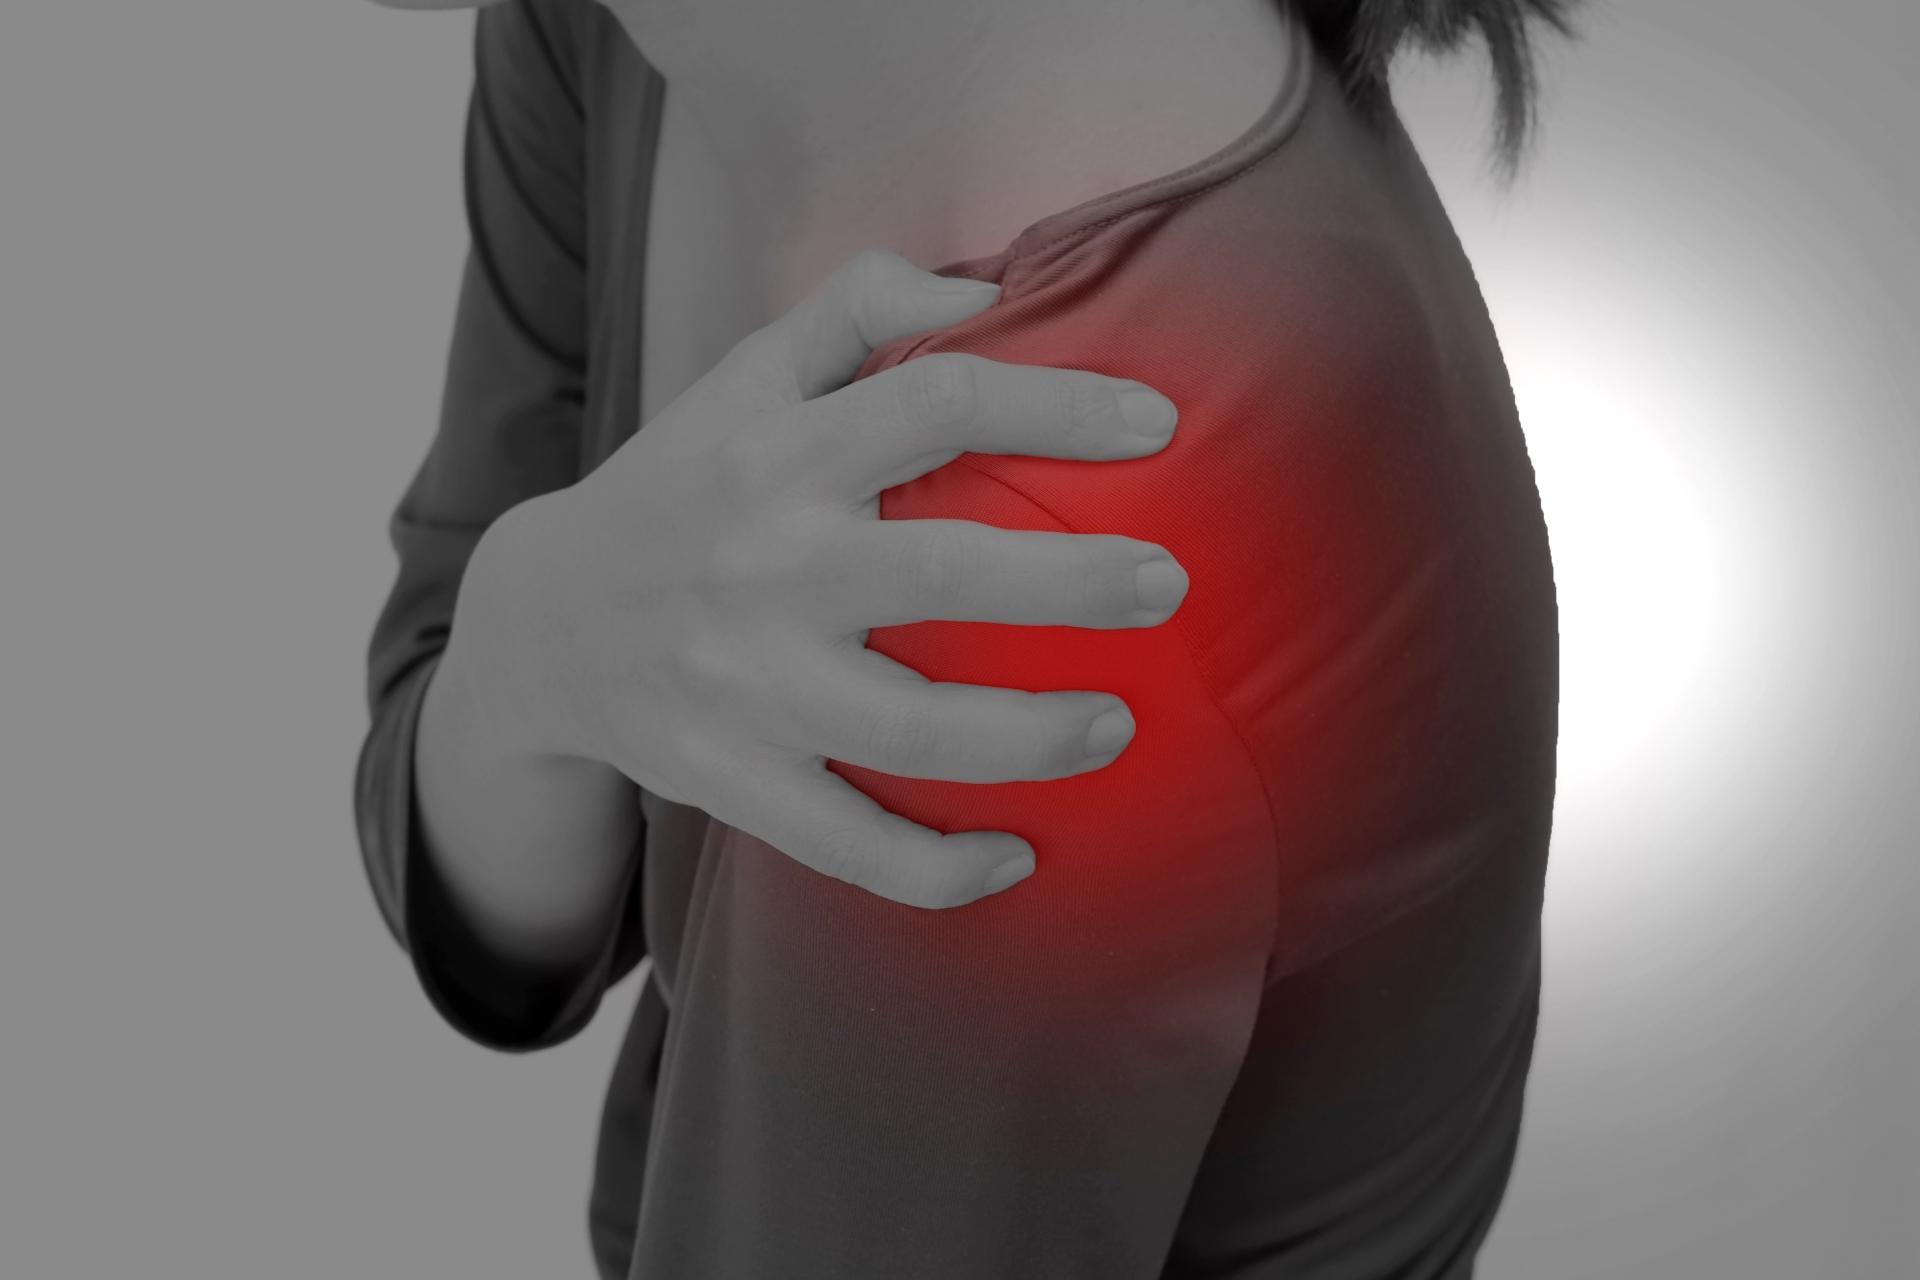 肩の外側の痛み